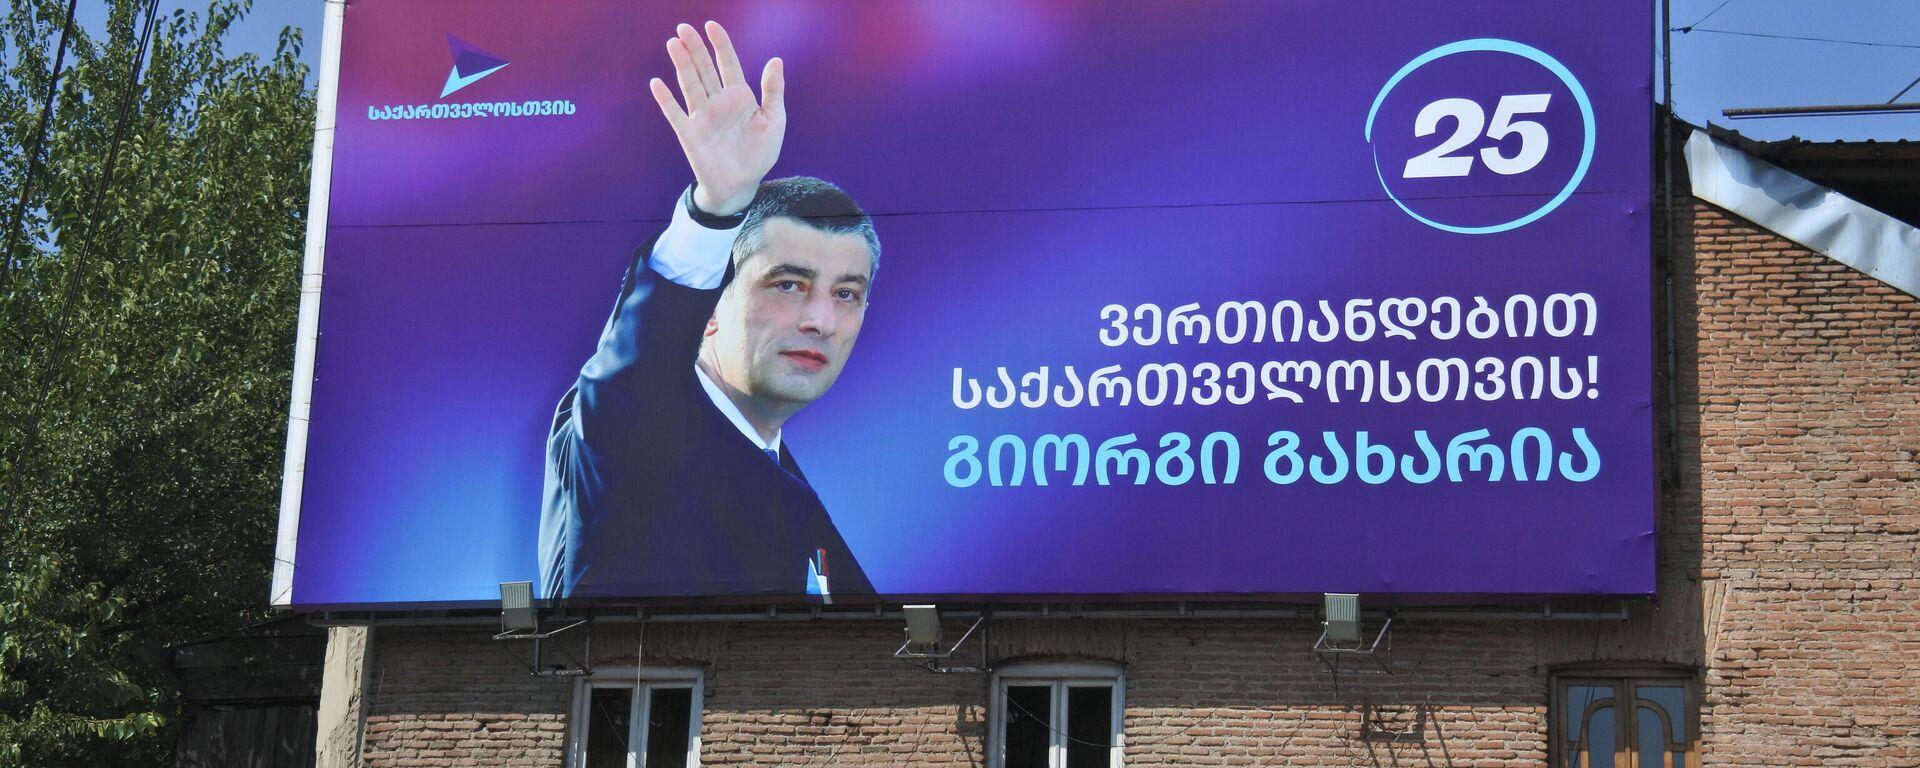 Предвыборная реклама  - баннер партии За Грузию Георгия Гахария с его портретом - Sputnik Грузия, 1920, 28.09.2021